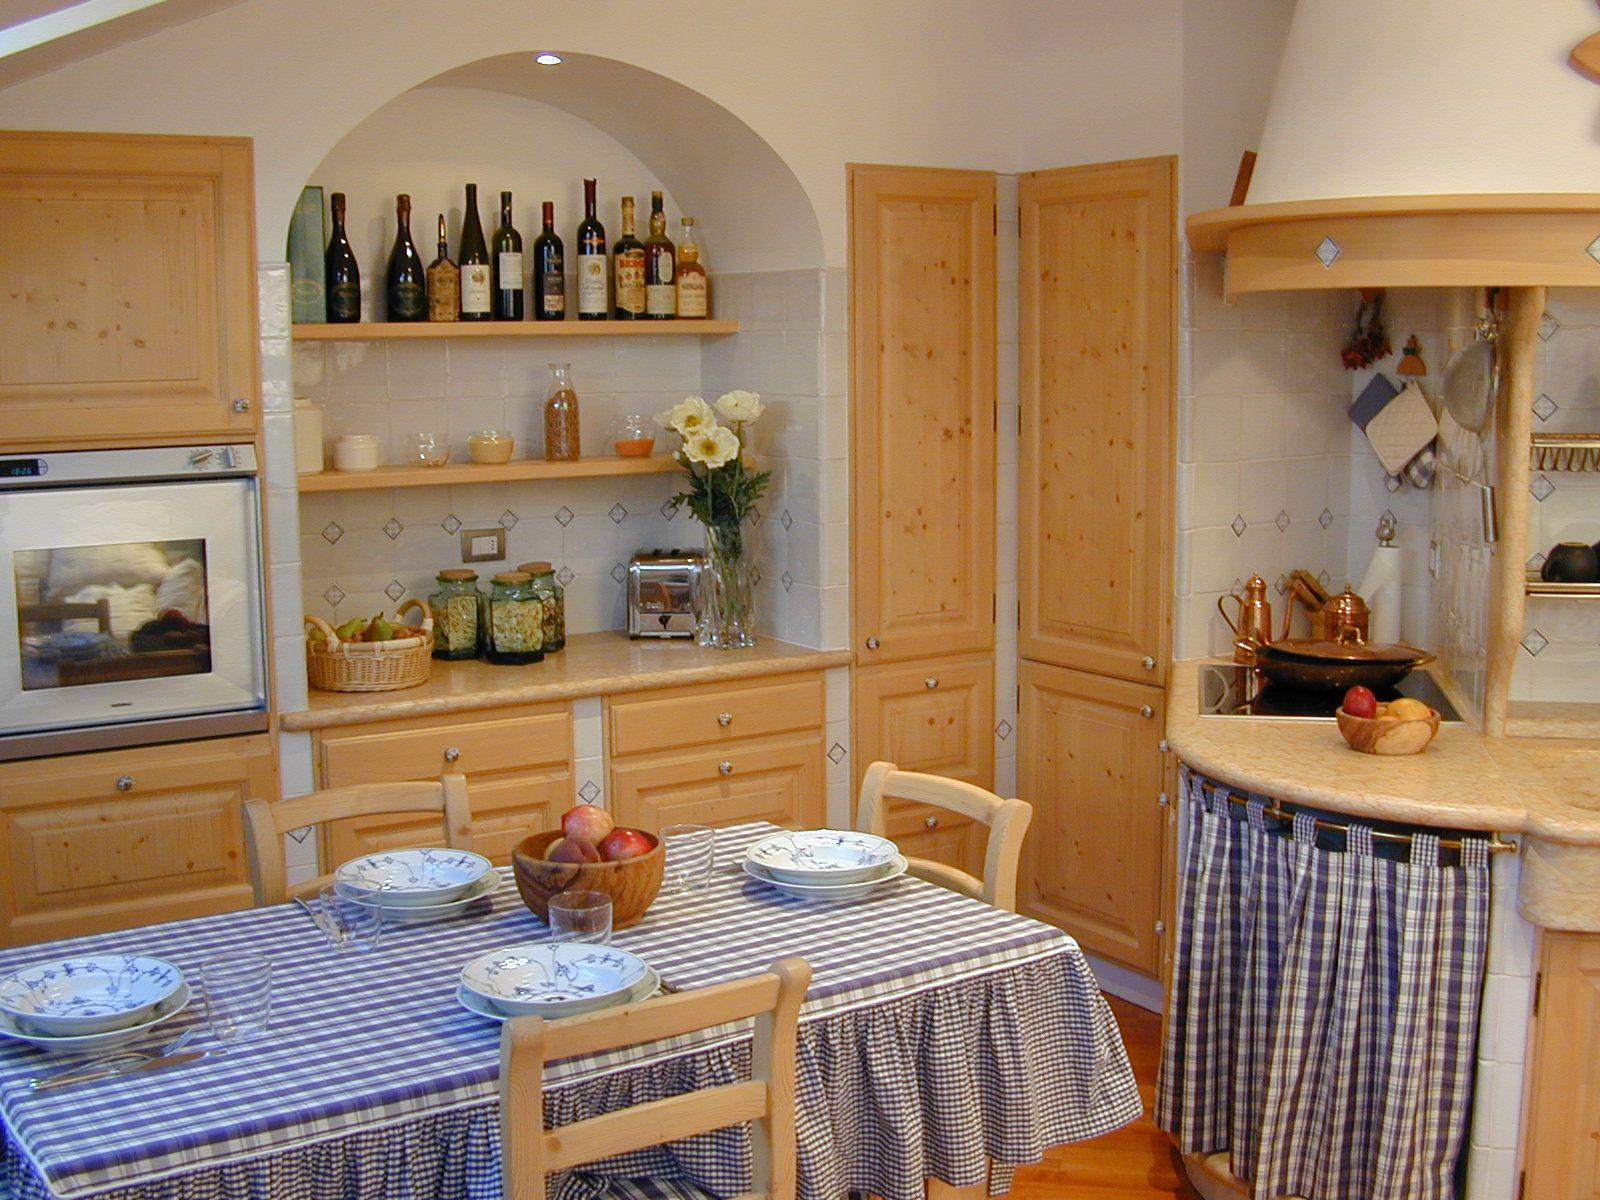 Tendine Per Cucina In Muratura. Cheap Tende Per La Cucina Fai Da Te ...